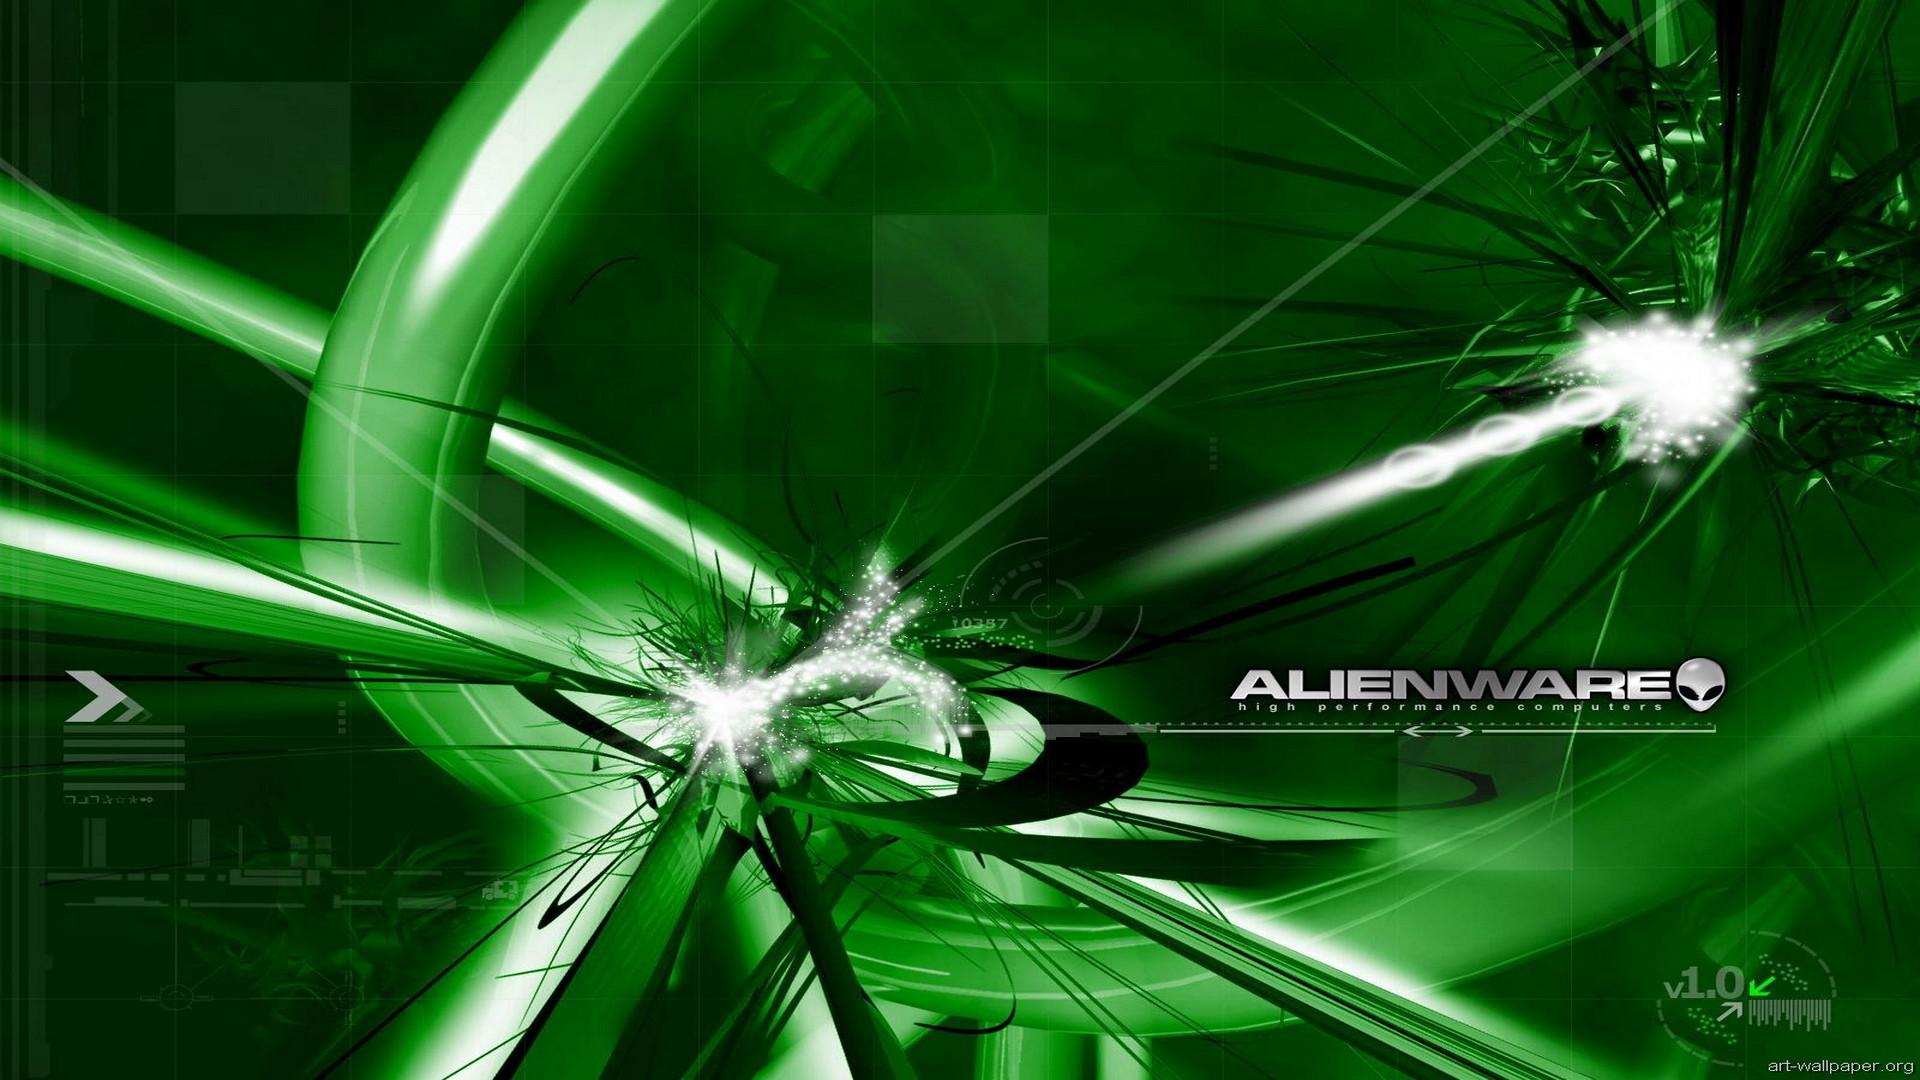 1920x1080 Green Alienware wallpaper 148913. Download · 1920x1080